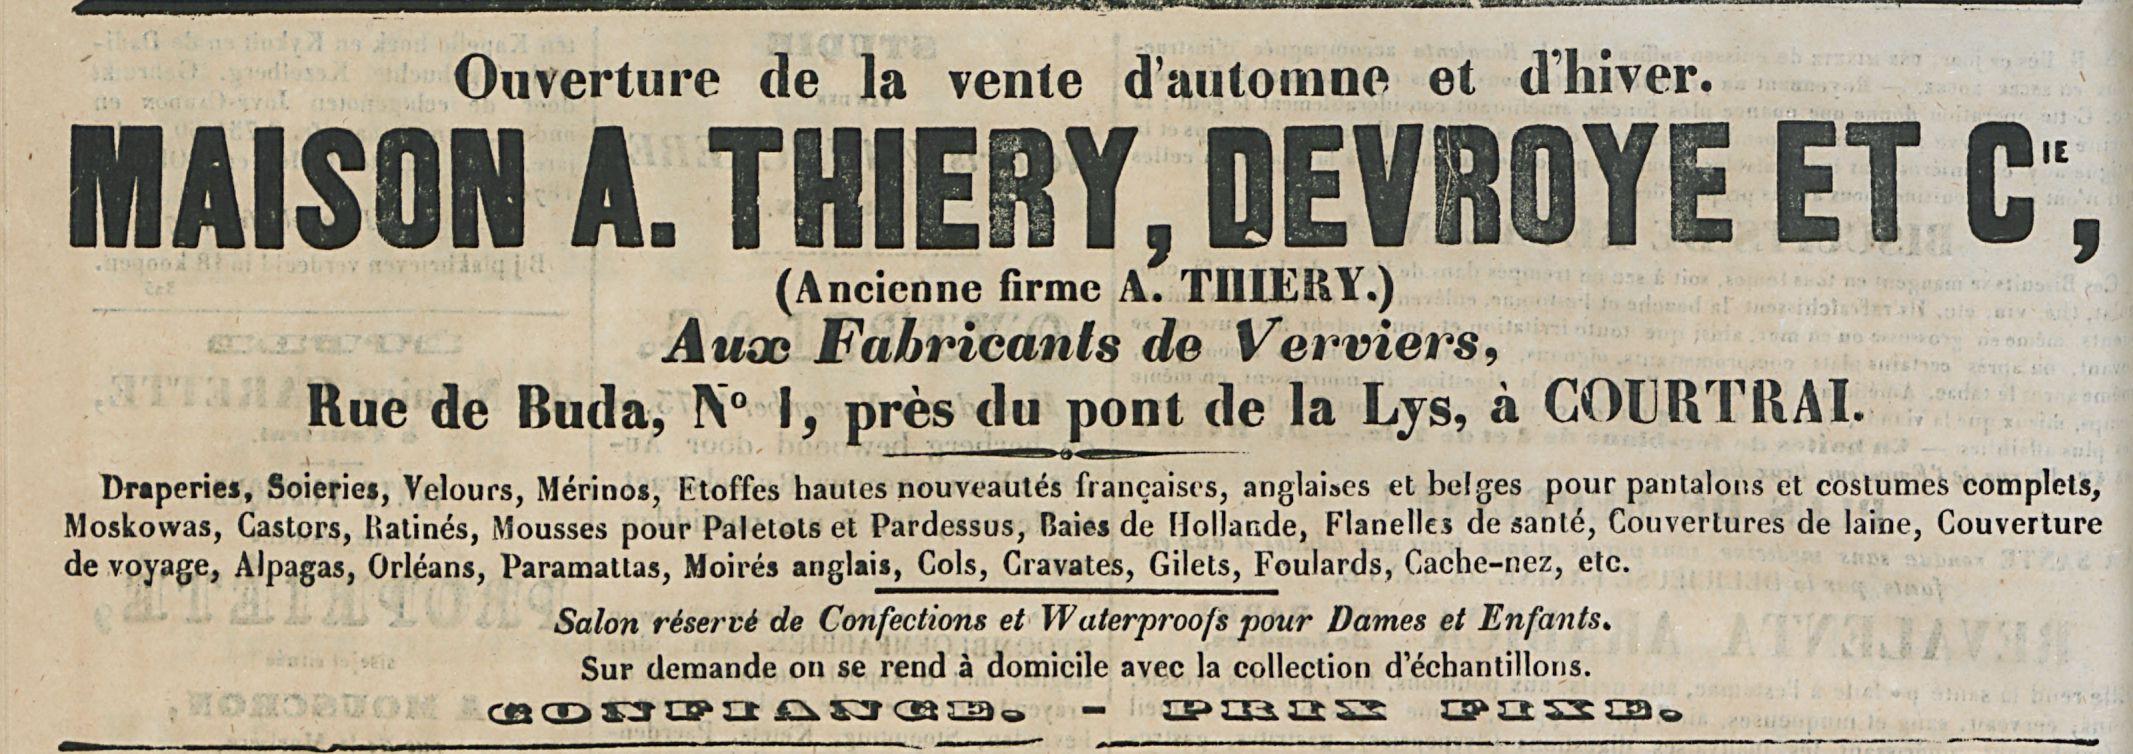 MAISQN A. THIERY, DEVROYE ET C